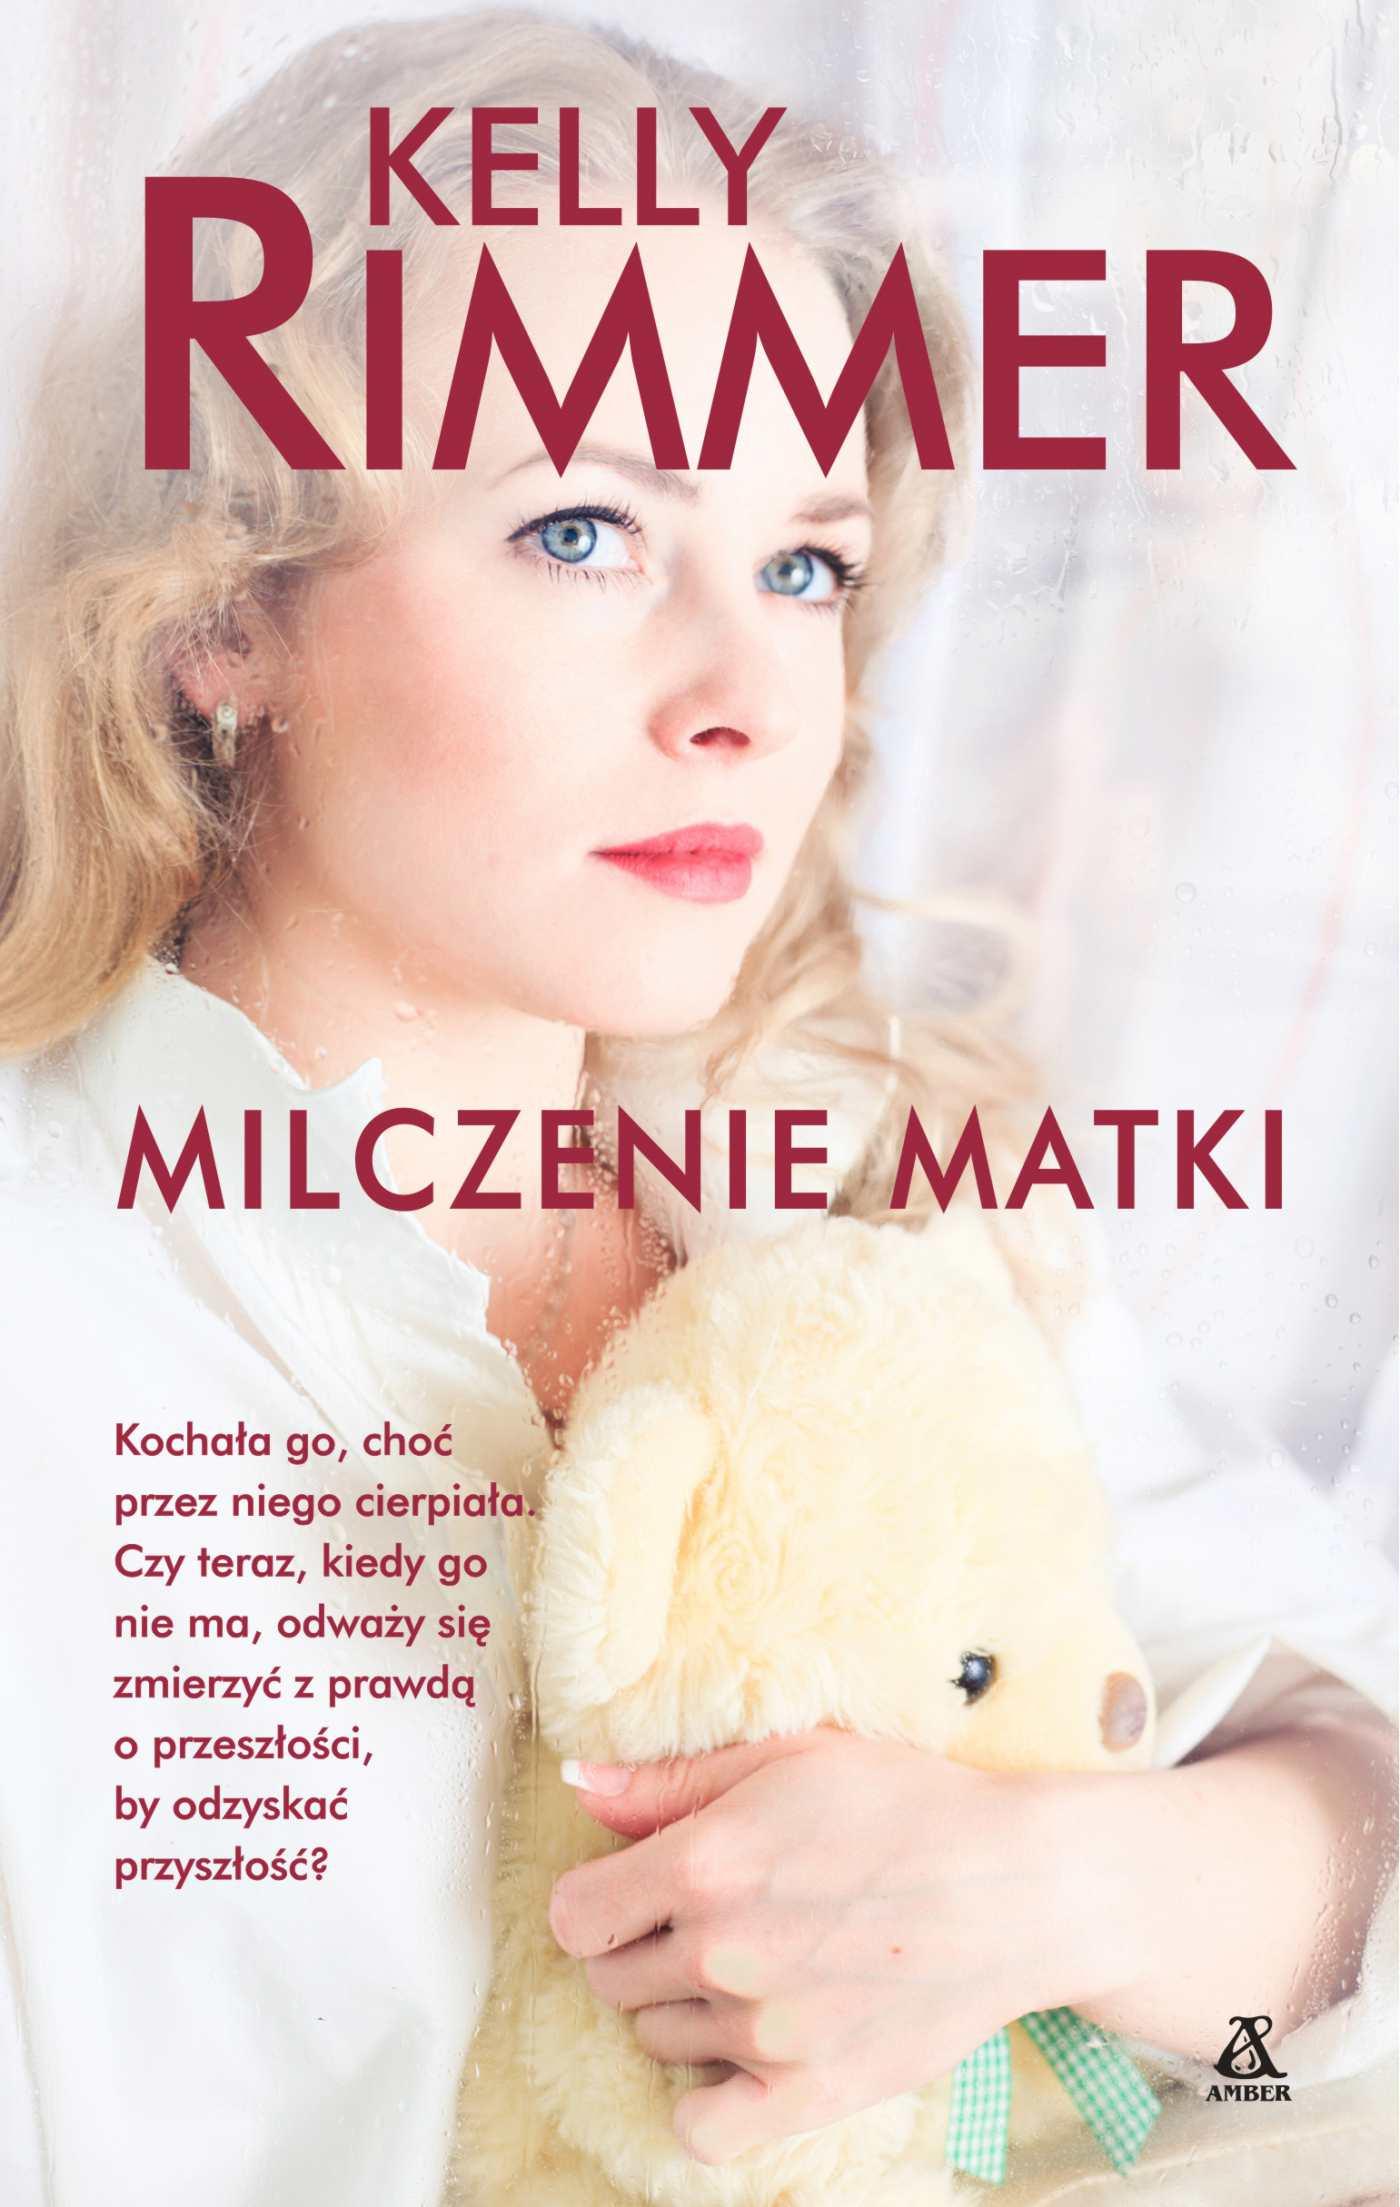 Milczenie matki - Ebook (Książka na Kindle) do pobrania w formacie MOBI